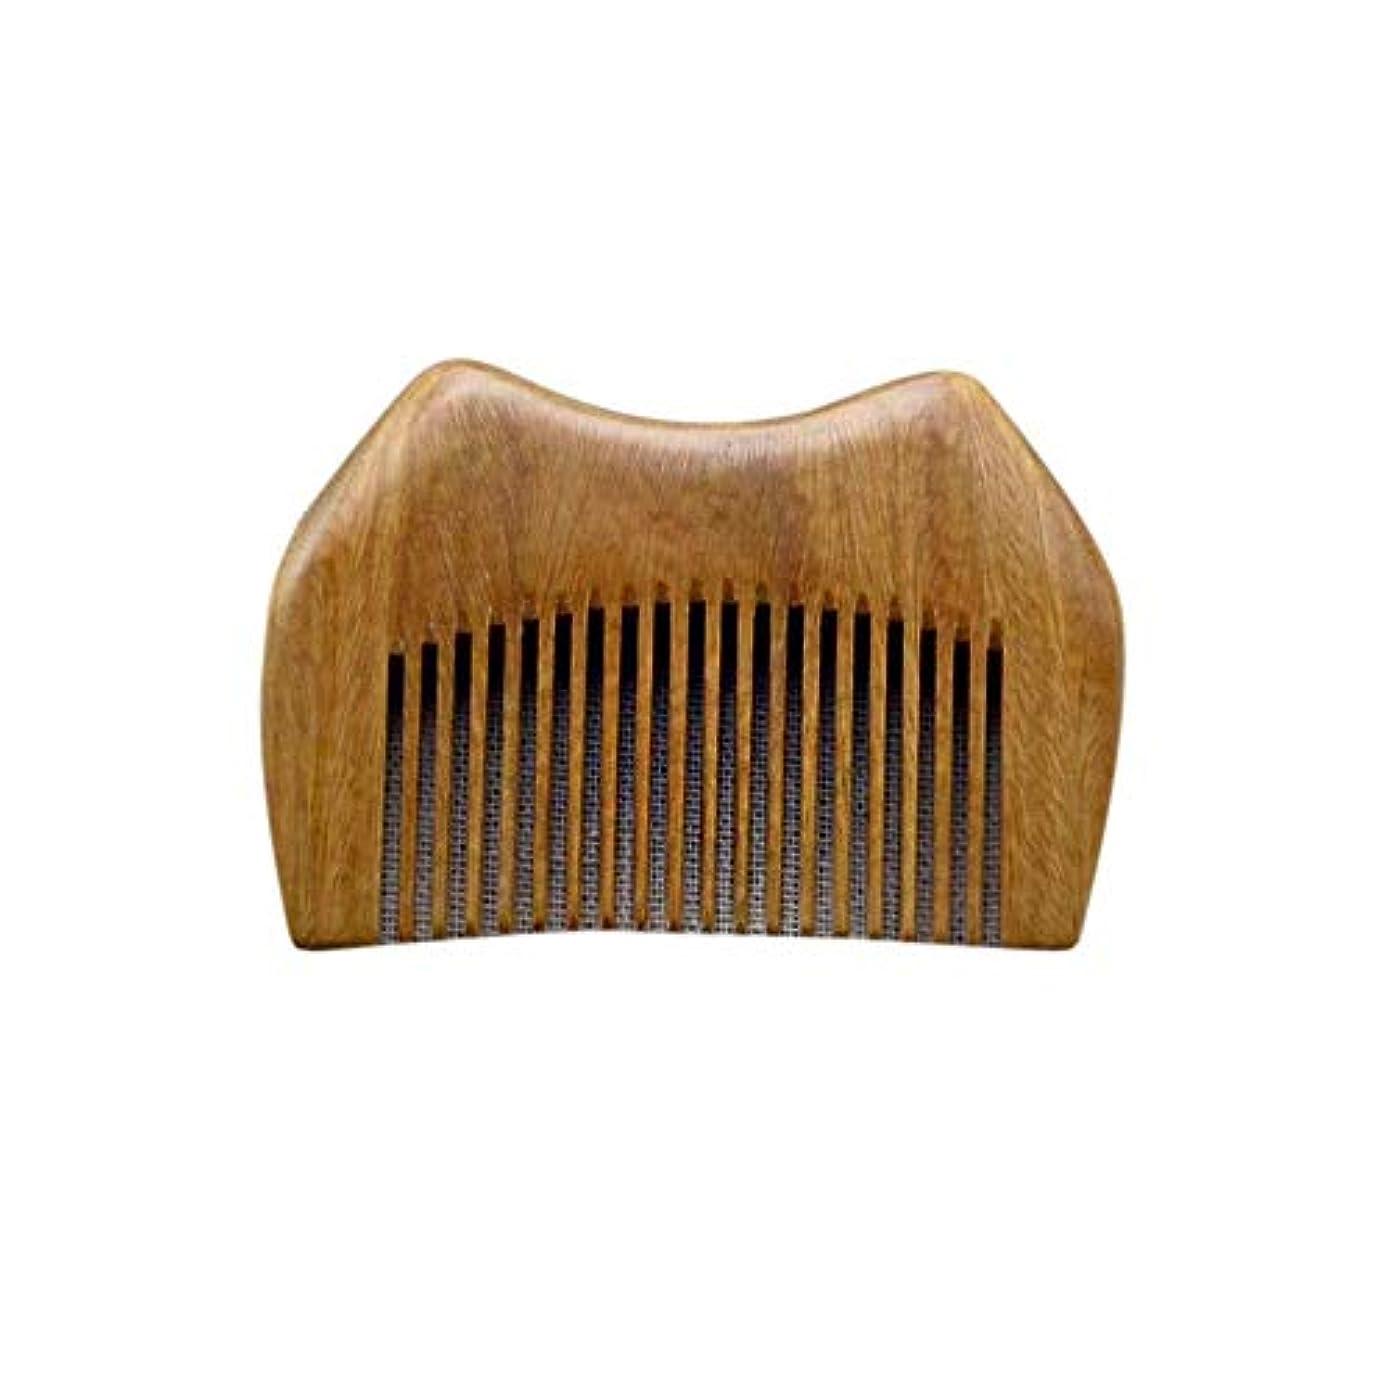 マイクロフォンお香メールショートハンドル付きグリーンサンダルウッドくし手作りの木製くし ヘアケア (色 : Photo color)